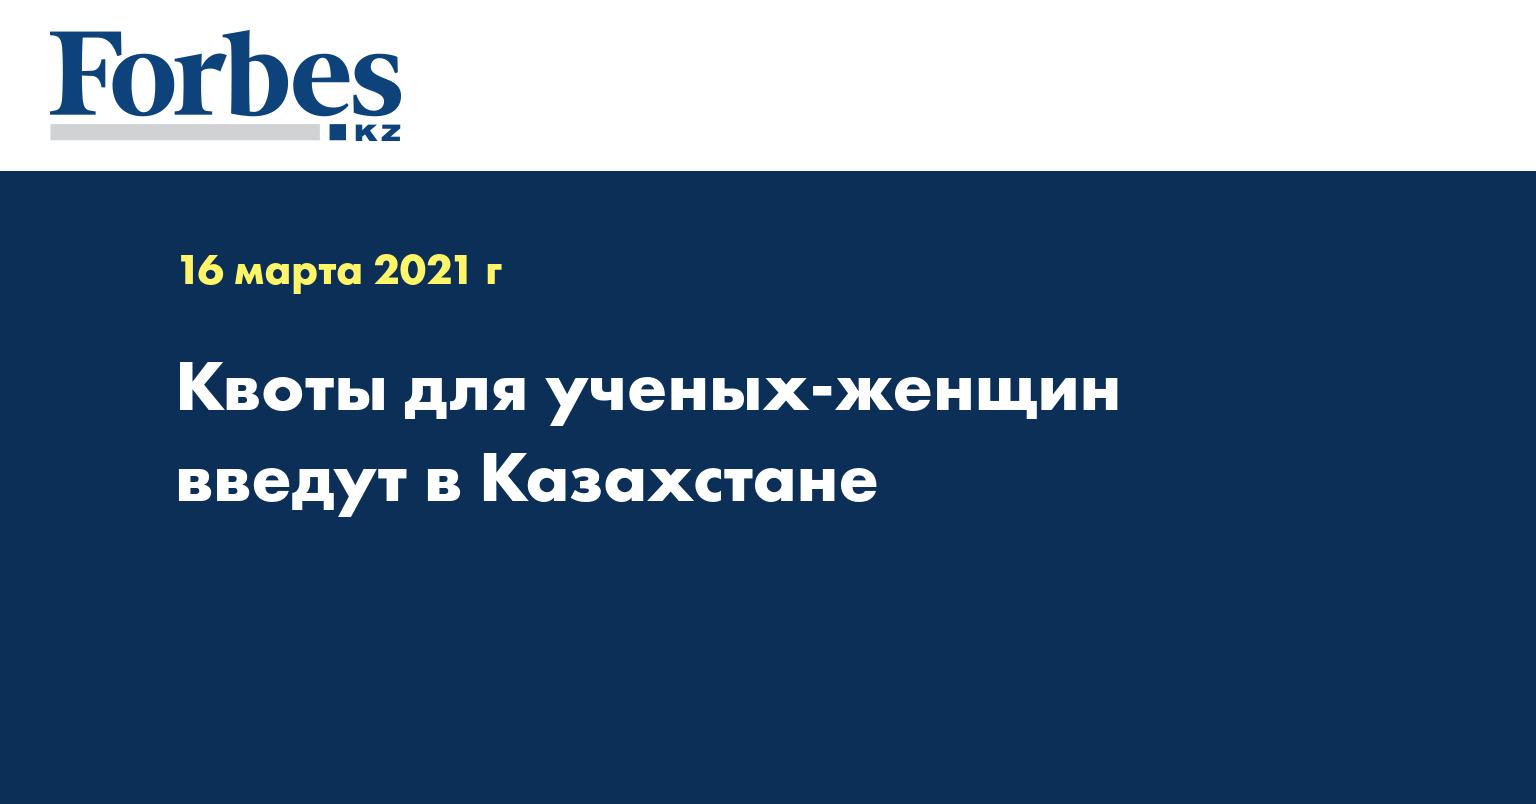 Квоты для ученых-женщин введут в Казахстане